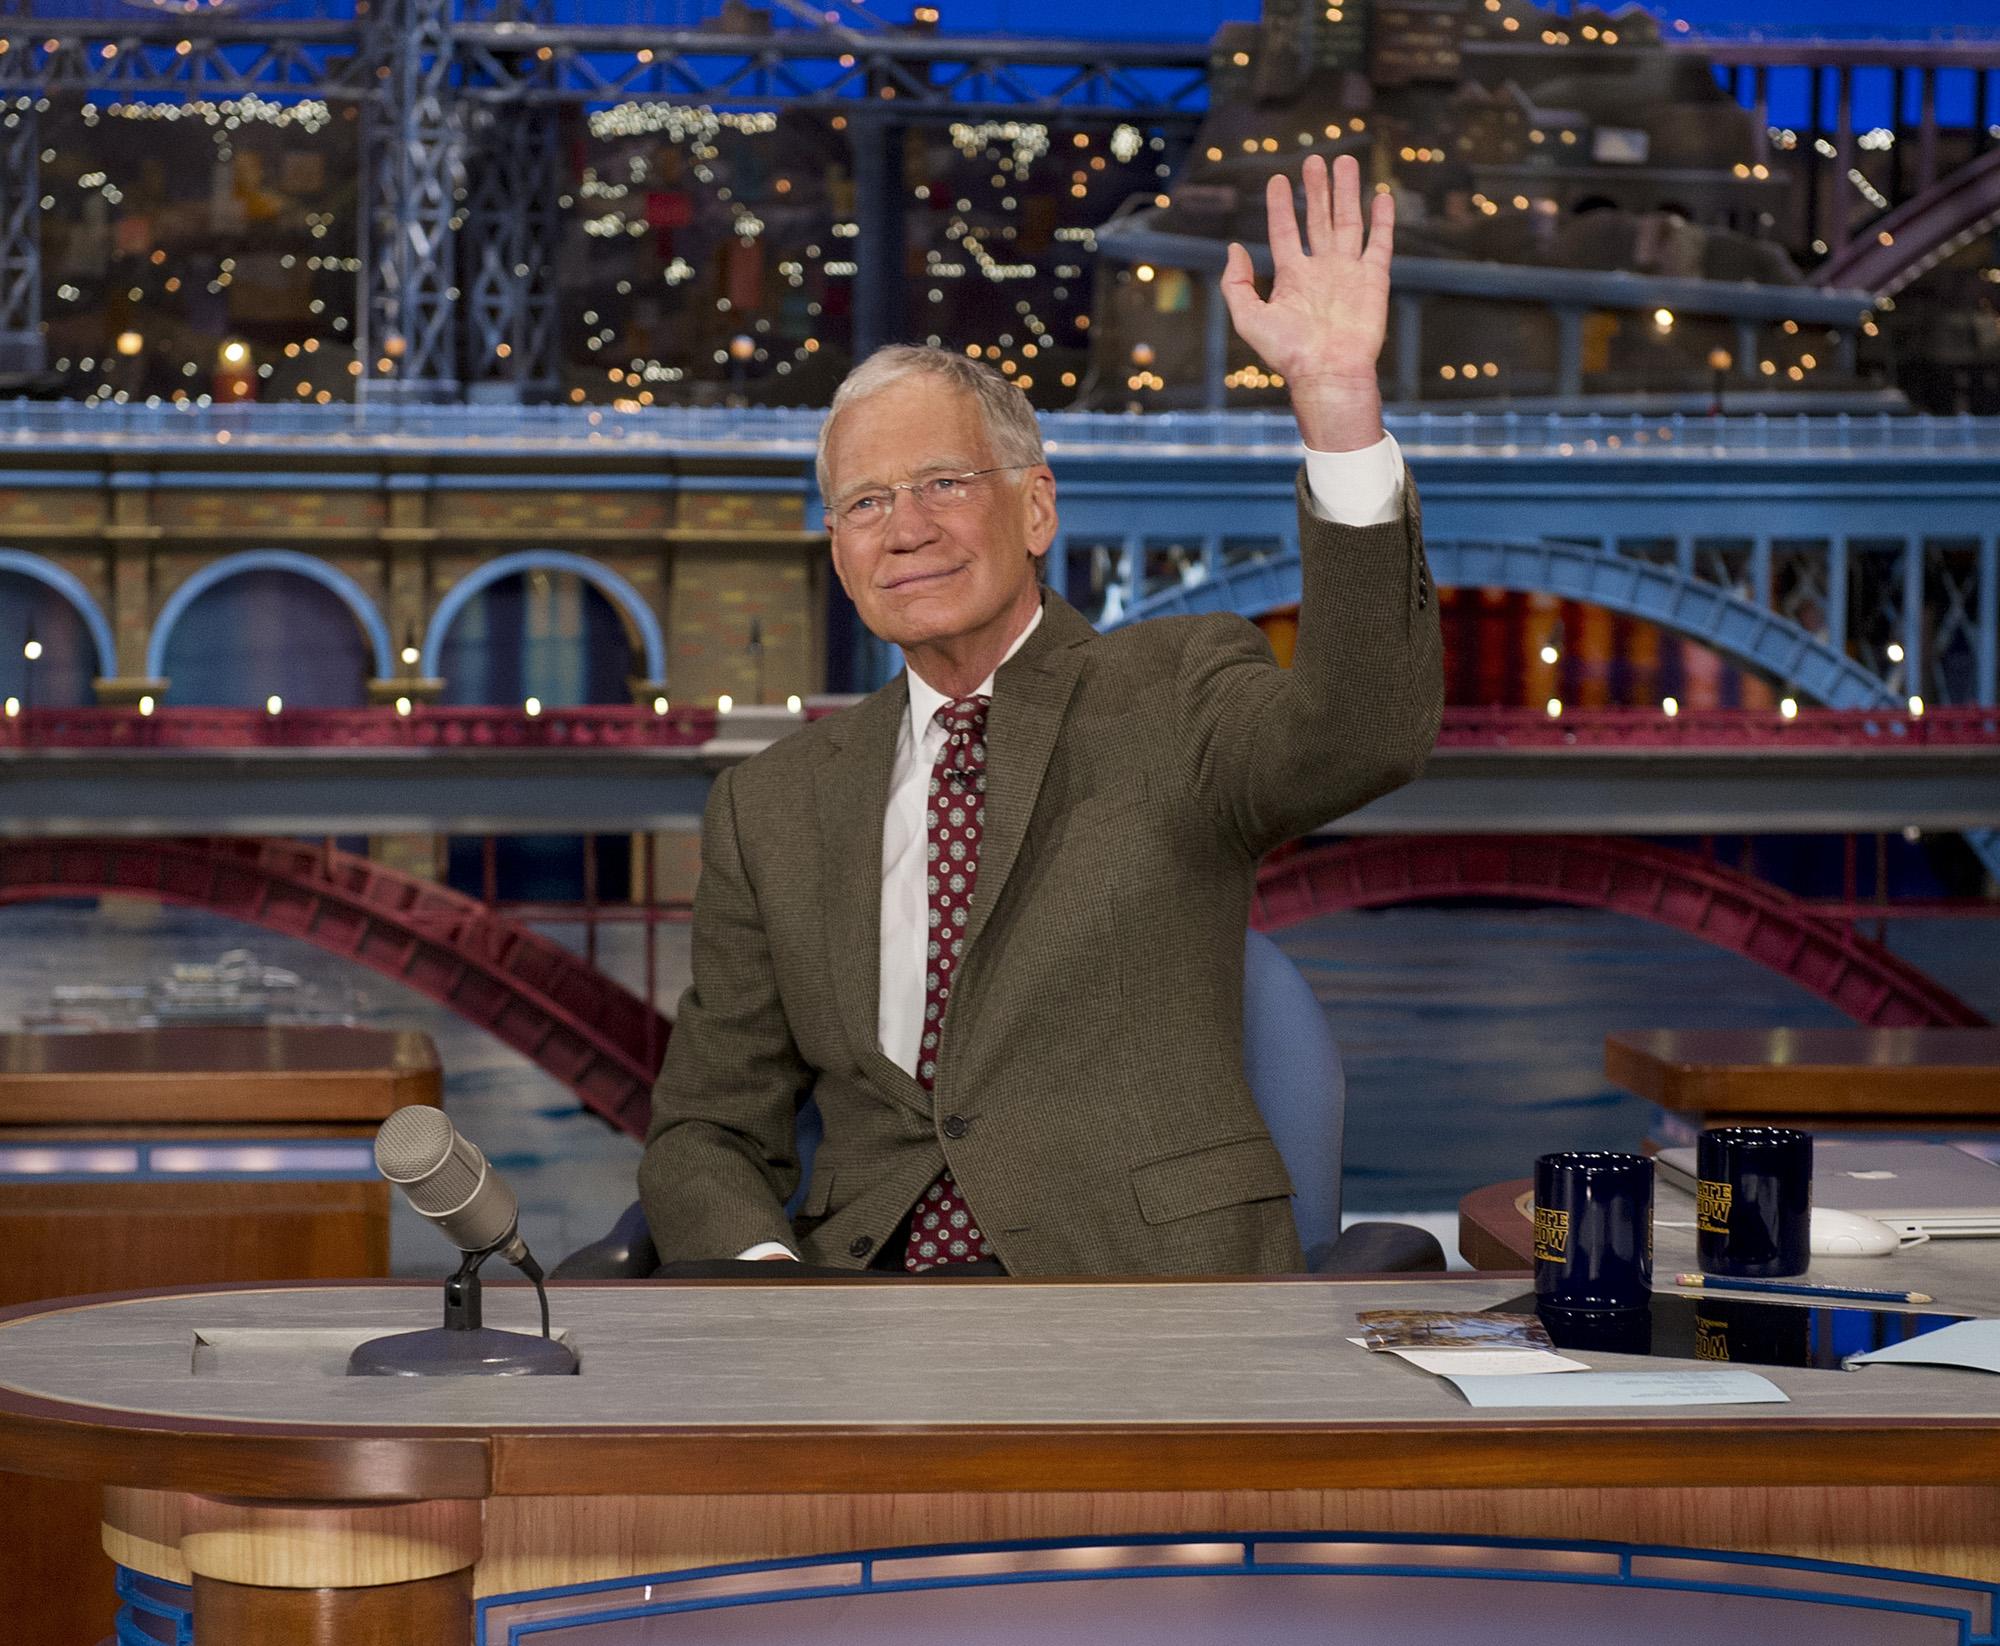 David Letterman se despide de la audiencia este semana, tras décadas de éxito, primero en NBC y después en CBS.